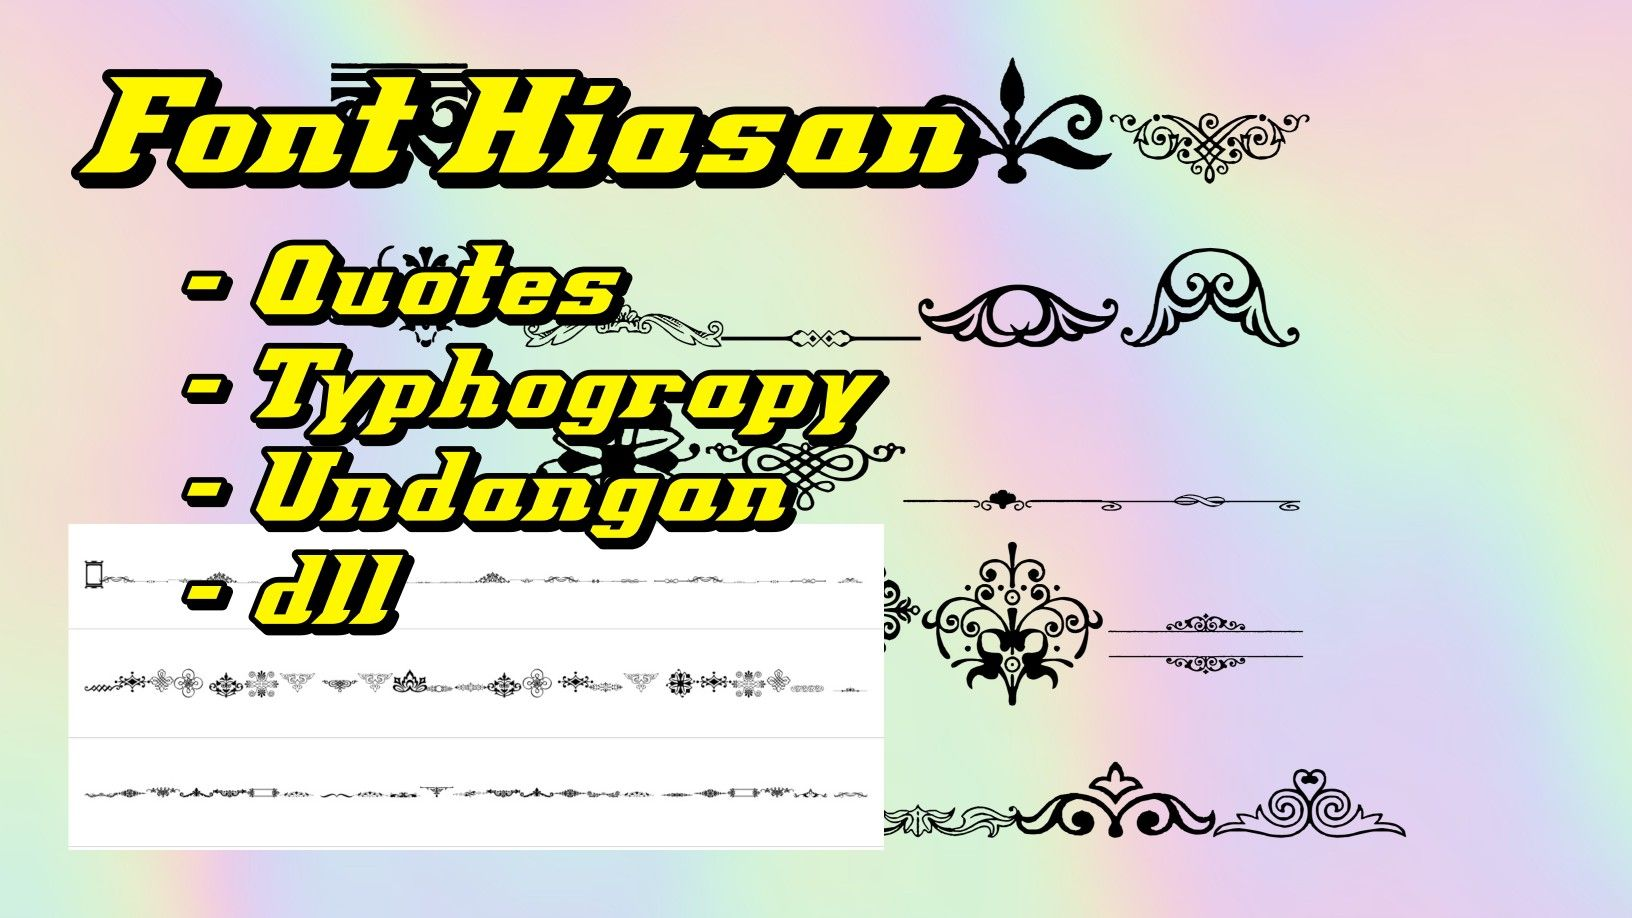 Kumpulan Font Keren Untuk Hiasan Quotes Typhograpy Undangan Typography Quotes Typography Quotes